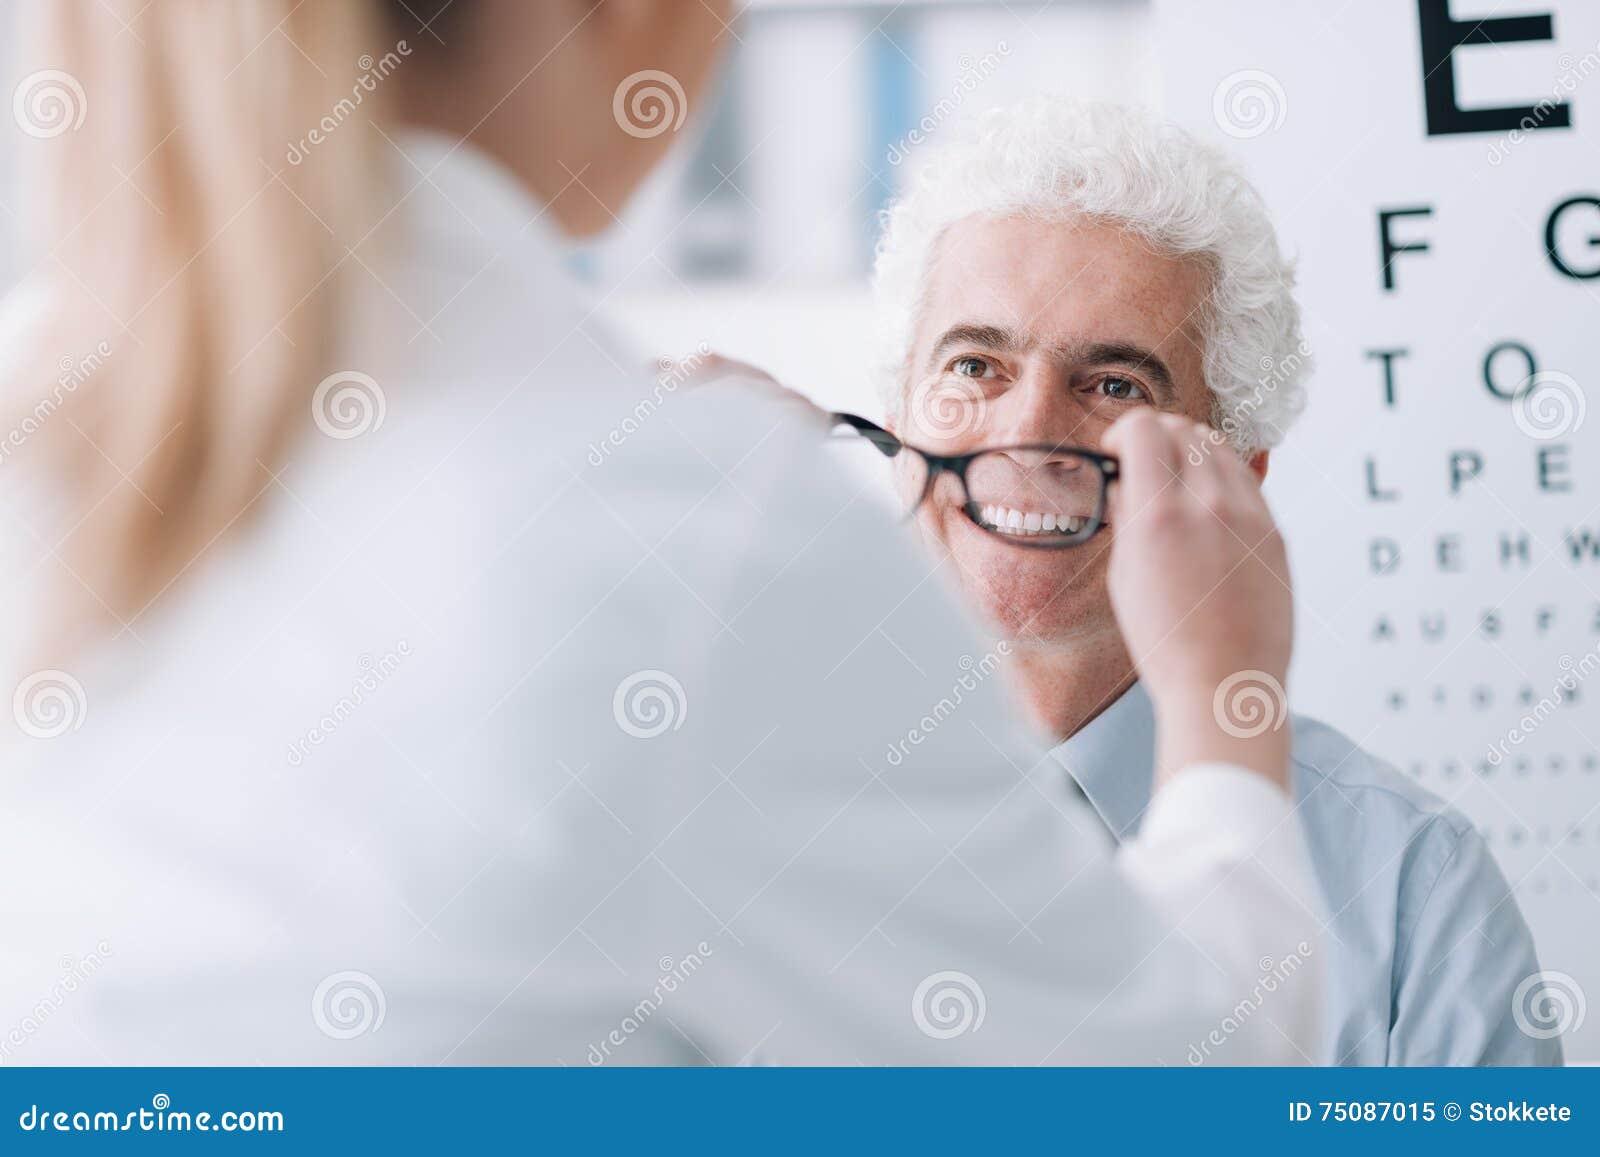 4fdeea92e219c8 Opticien Donnant De Nouveaux Verres Au Patient Image stock - Image ...